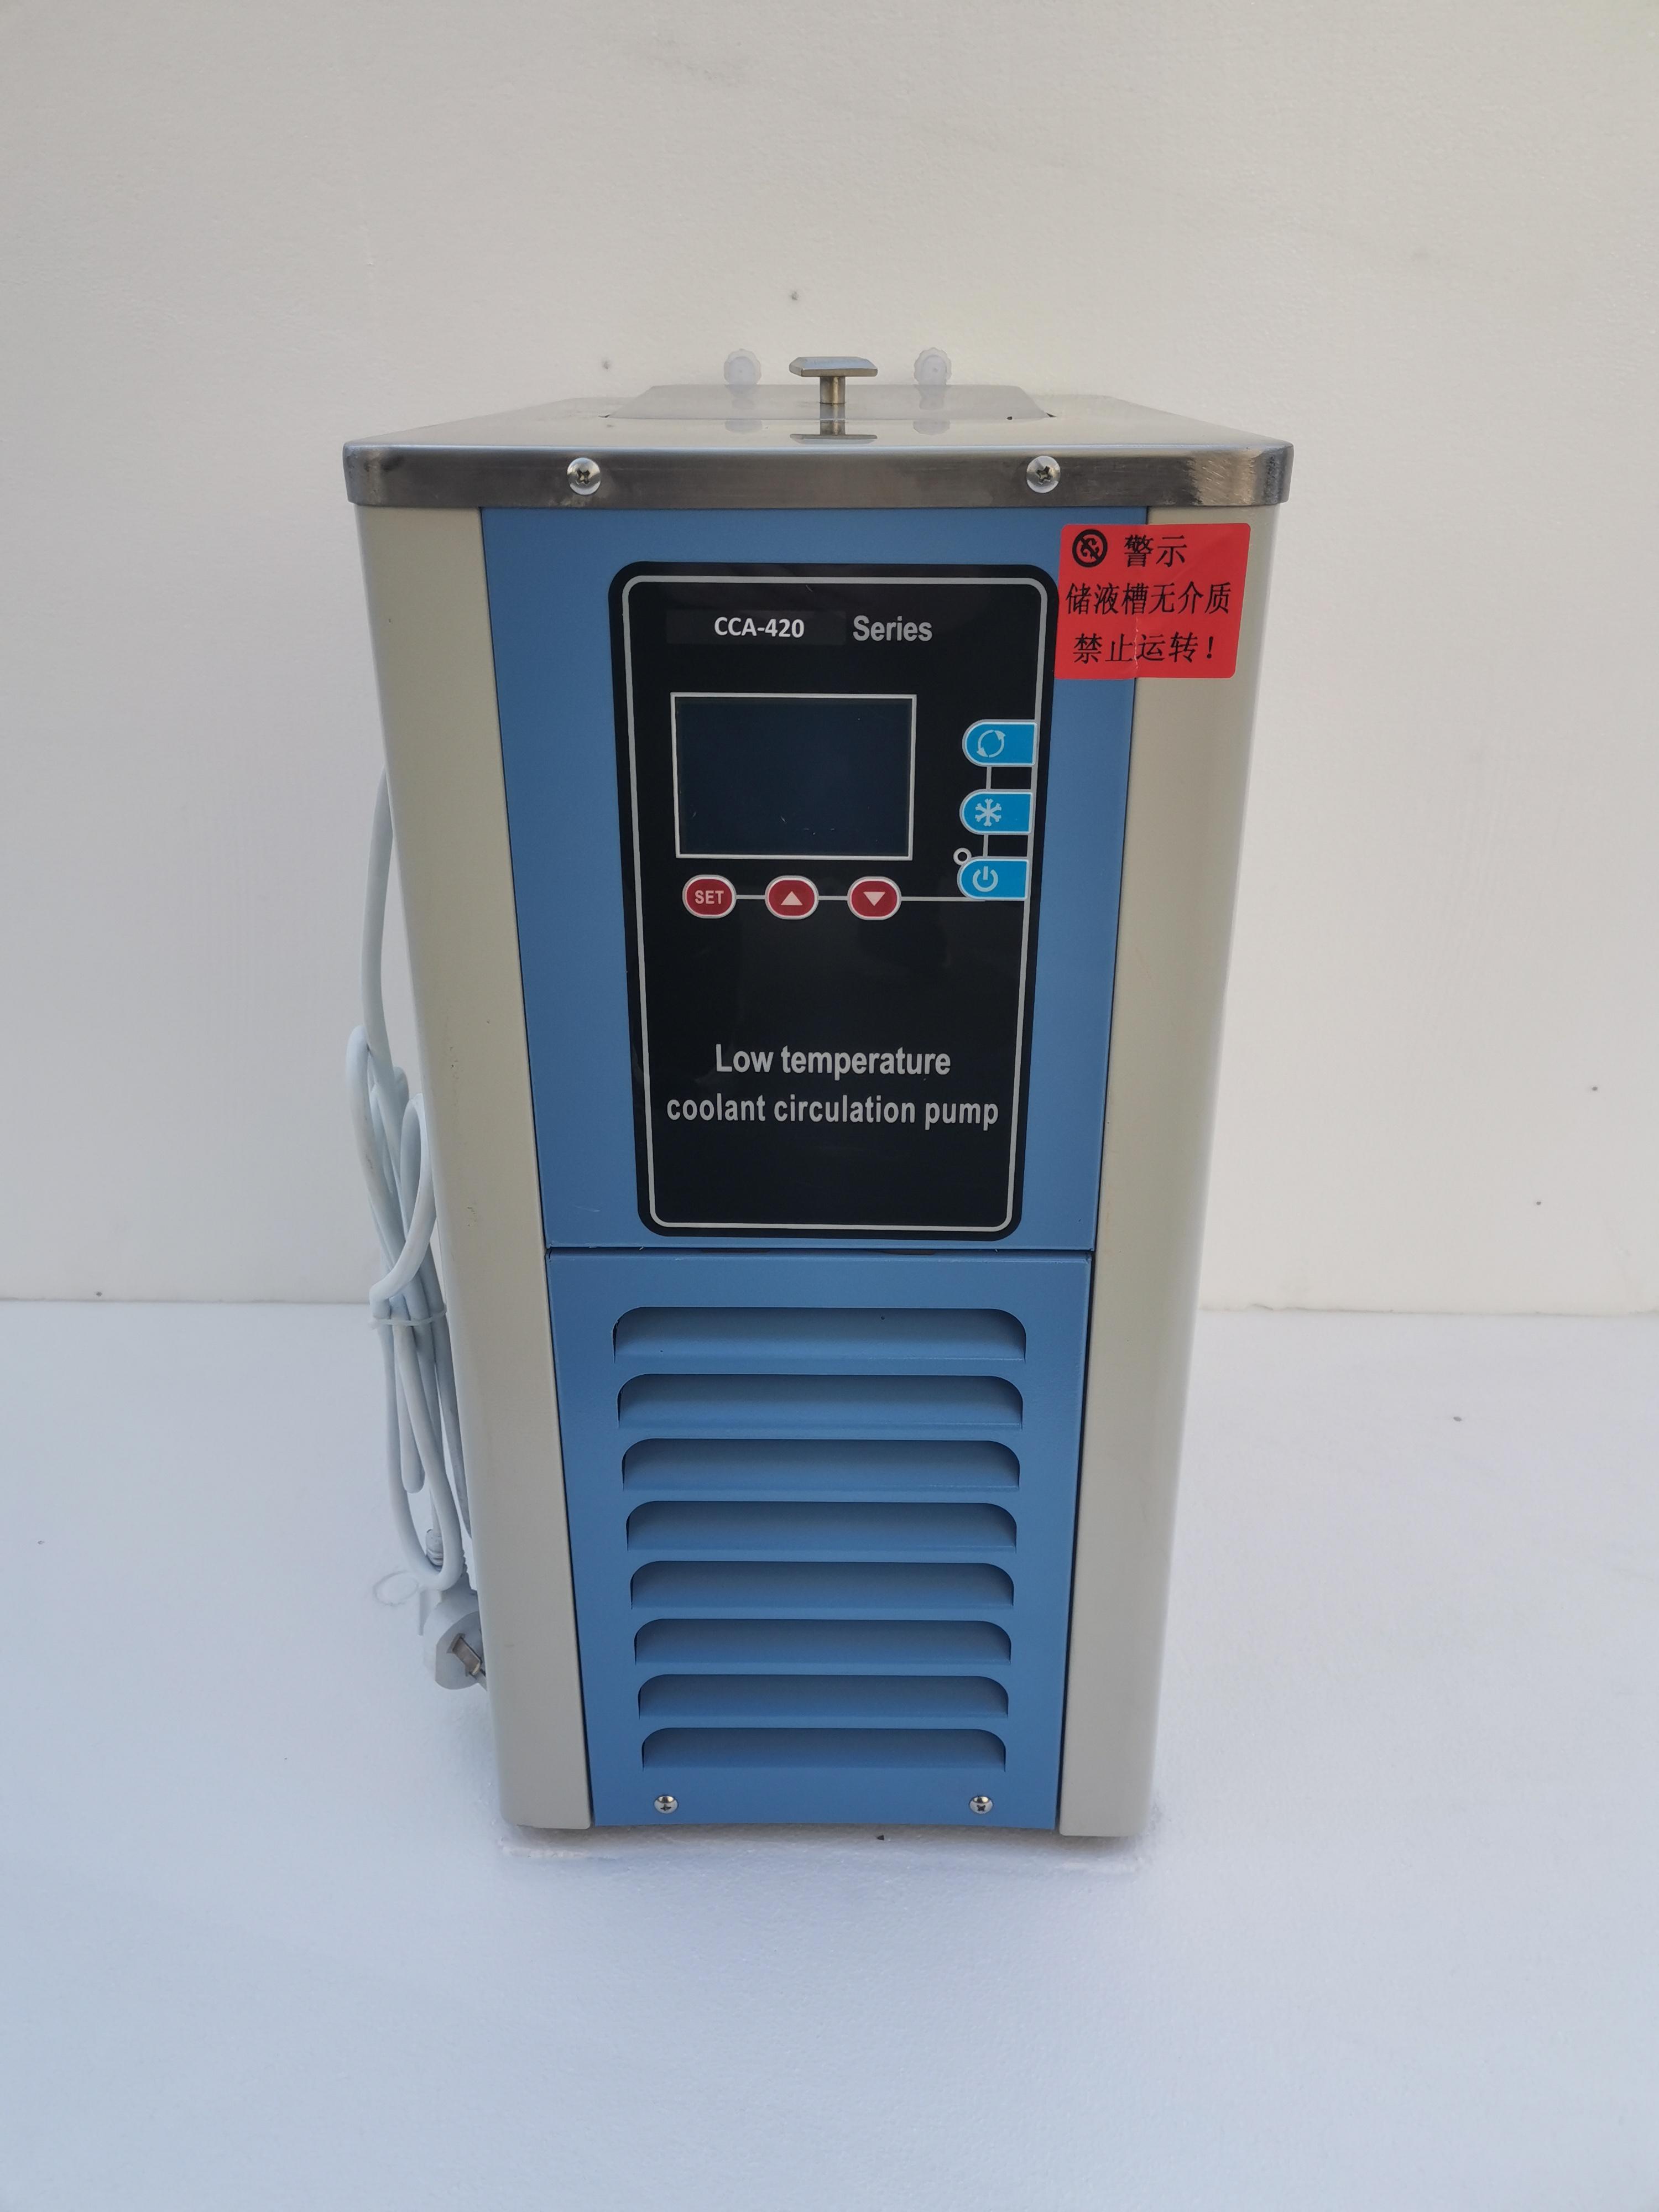 【低温冷却液循环泵】如何减少故